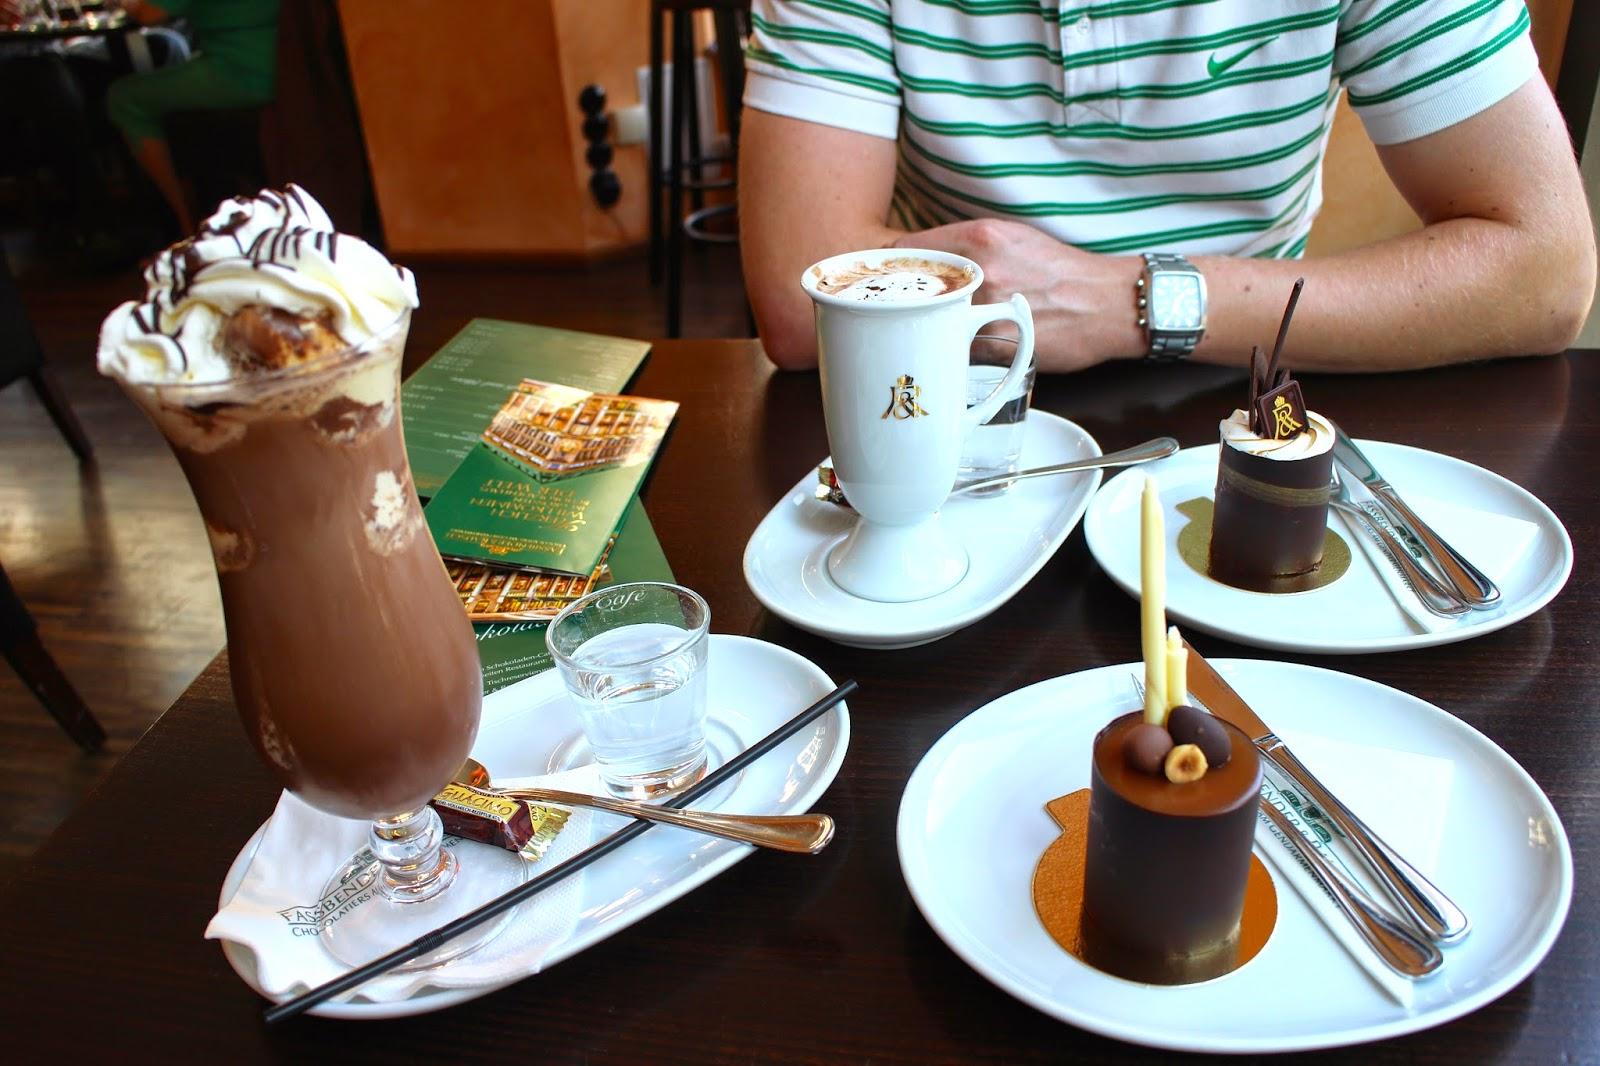 fassbender & rausch, chokolade, berlin, cafe